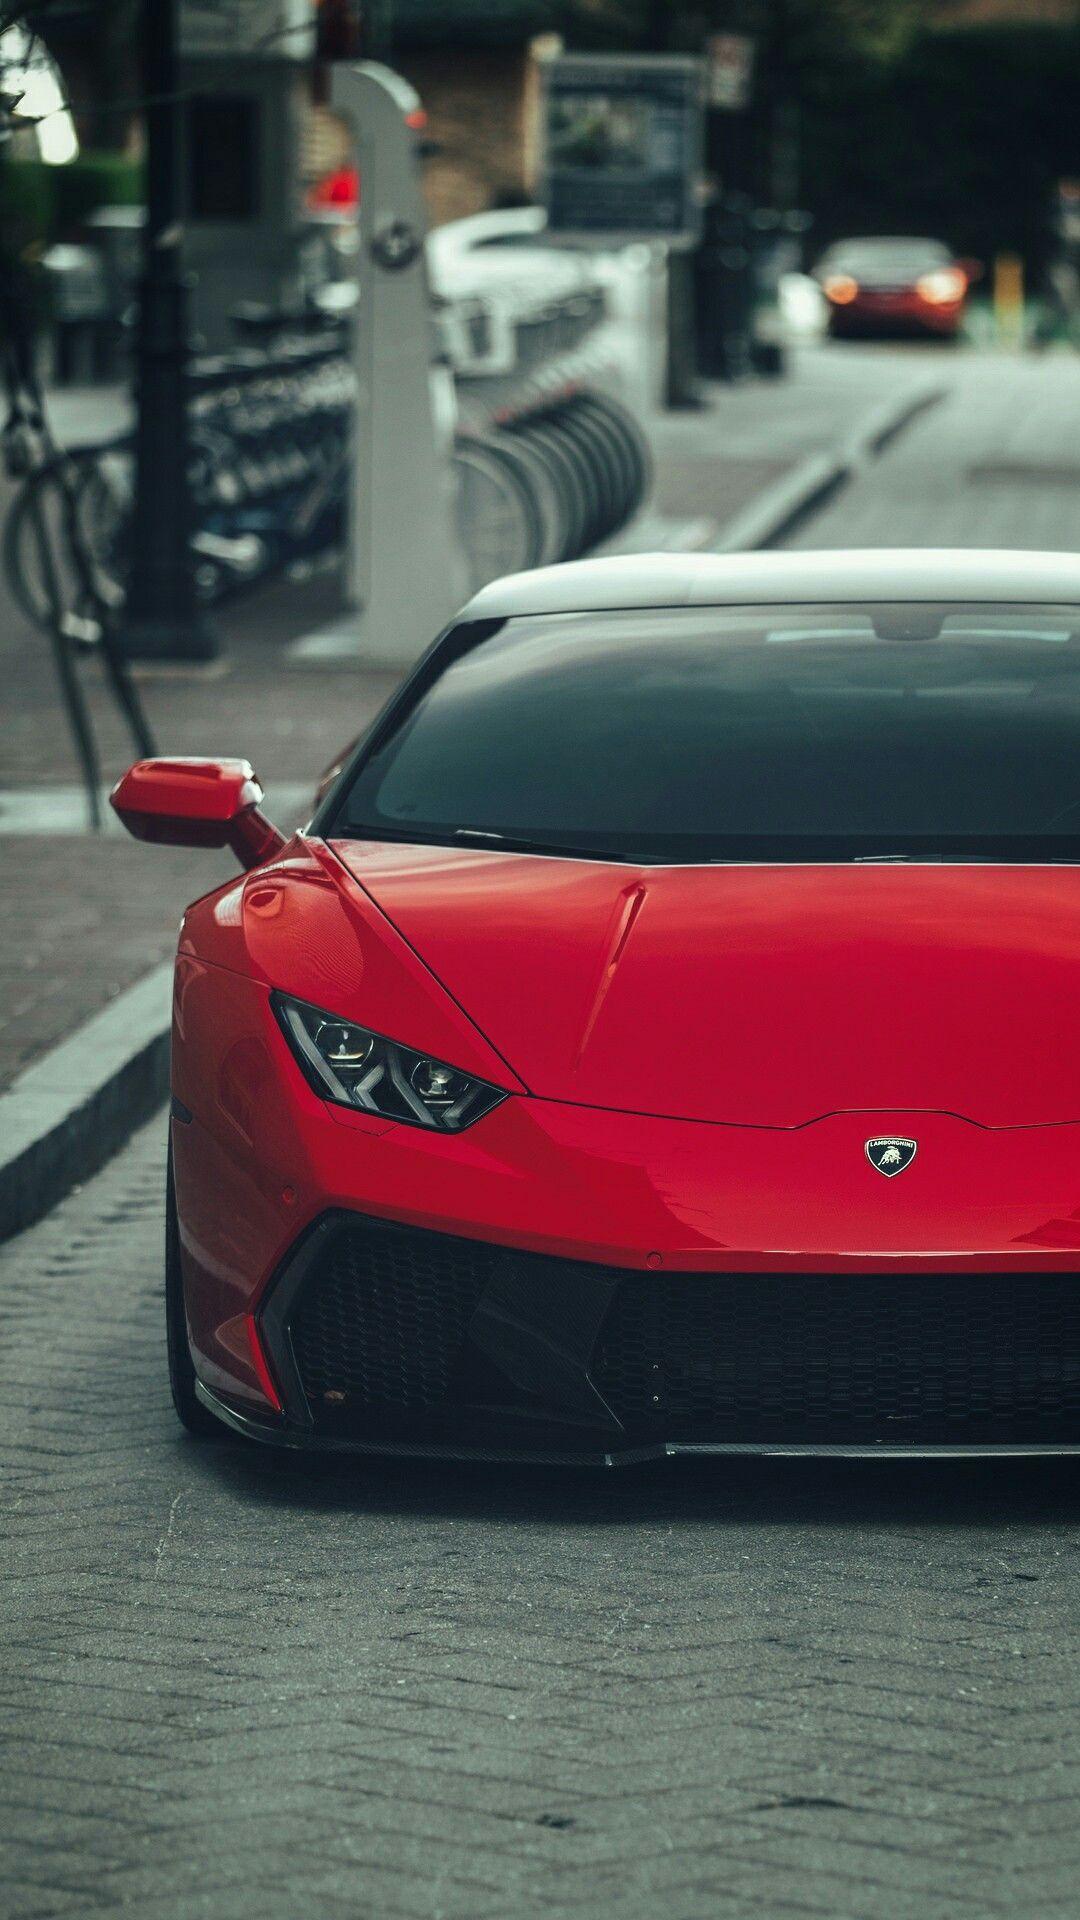 Lamborghini Huracan Wallpapers Carro Carros De Luxo Melhores Carros De Luxo